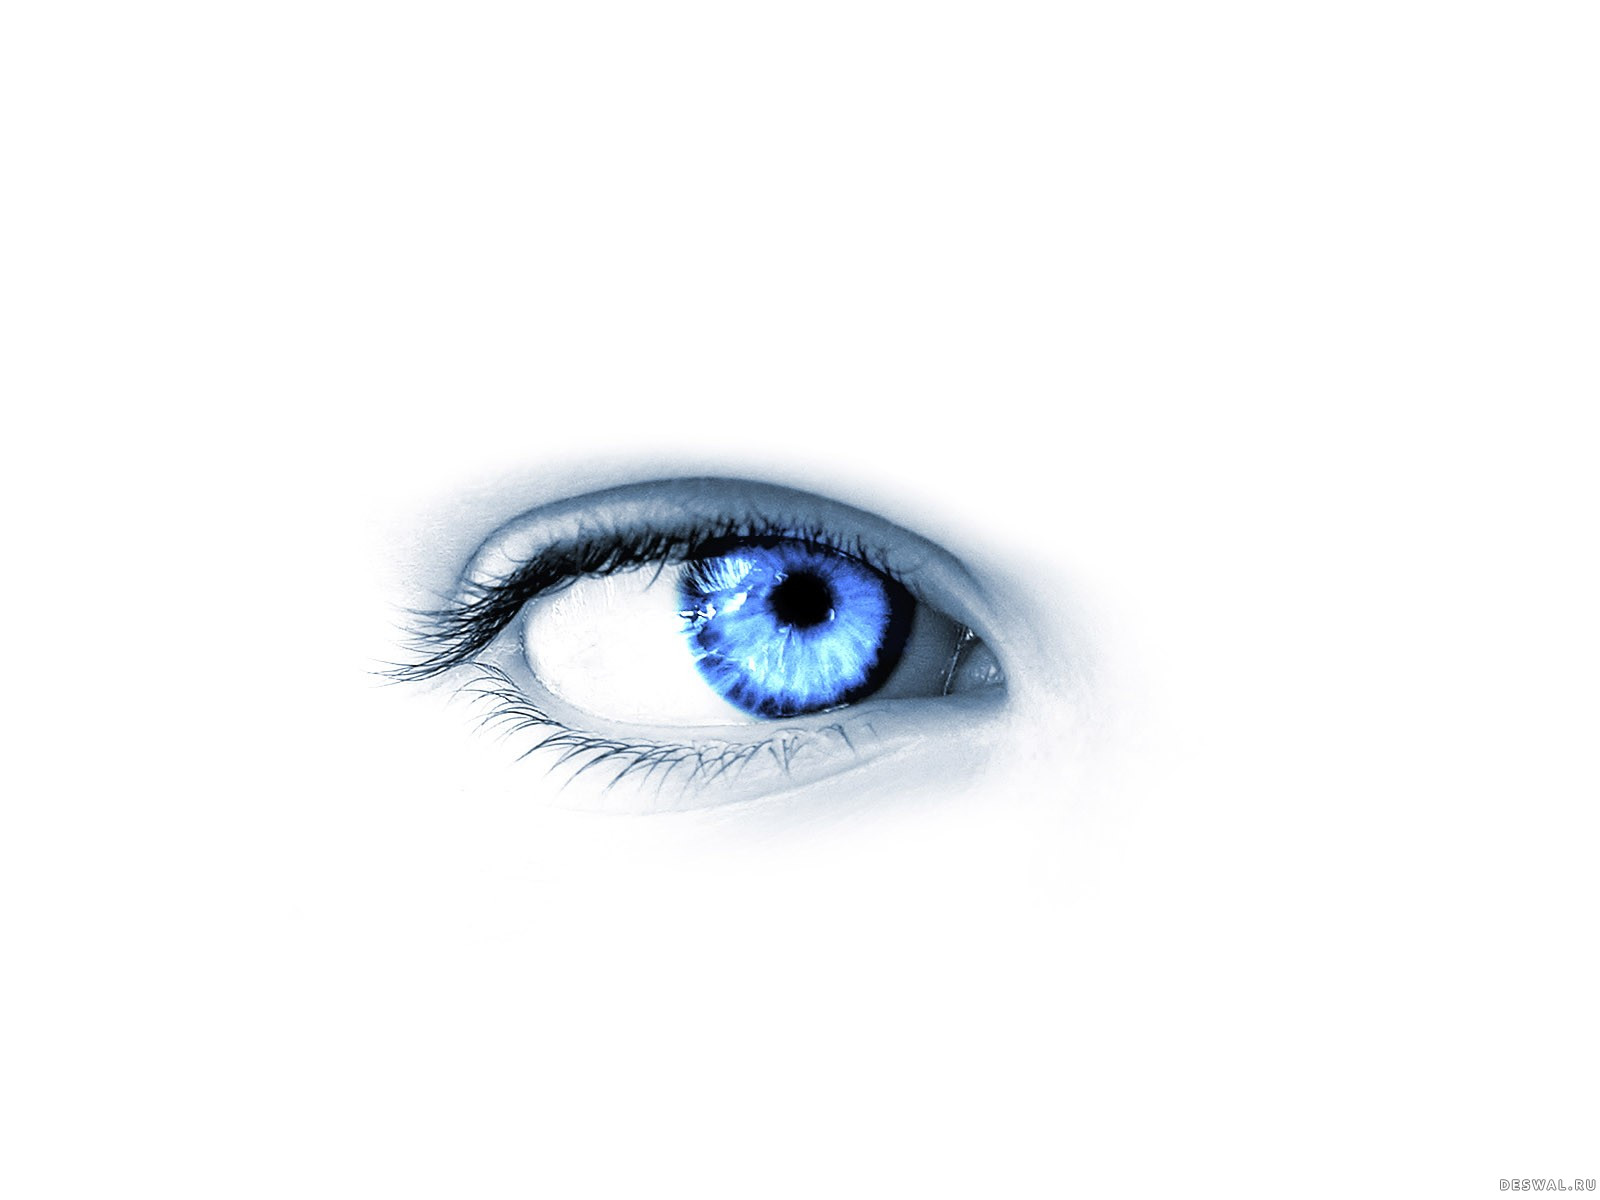 Фото 76.. Нажмите на картинку с обоями глаз, чтобы просмотреть ее в реальном размере